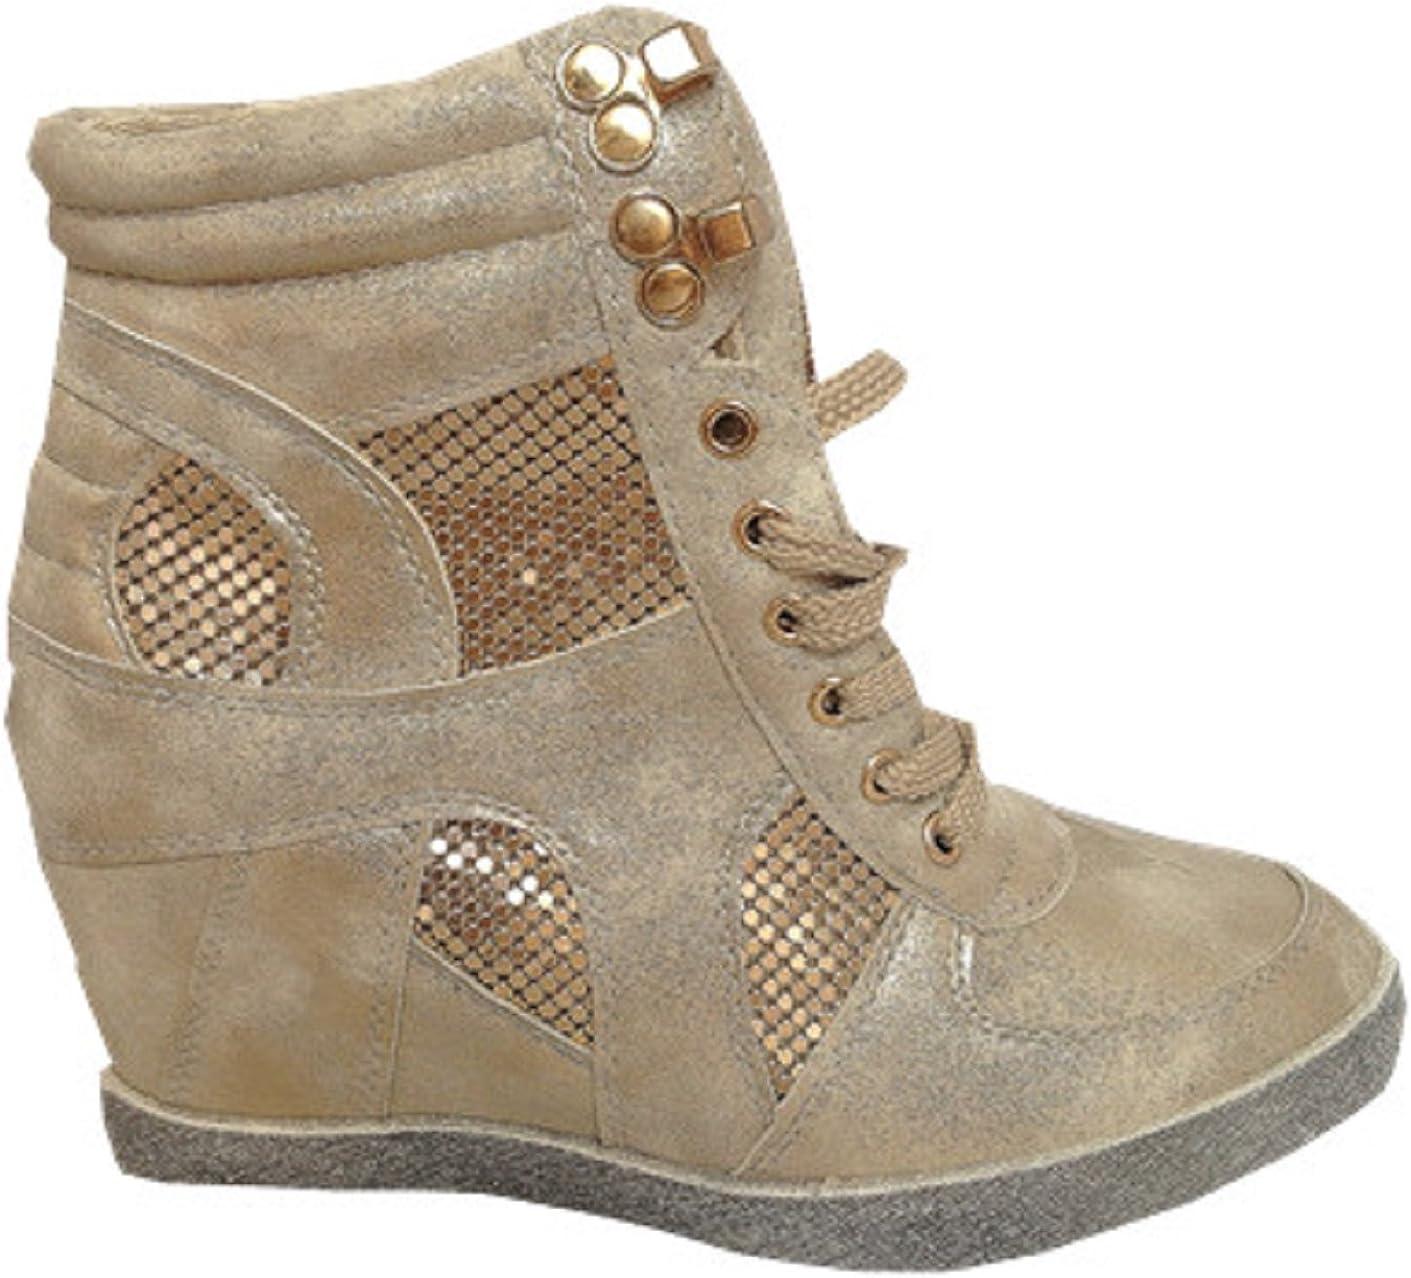 fashionfolie Baskets compensées Montante Talon Chaussures Femme Fille Lacet Doré 16